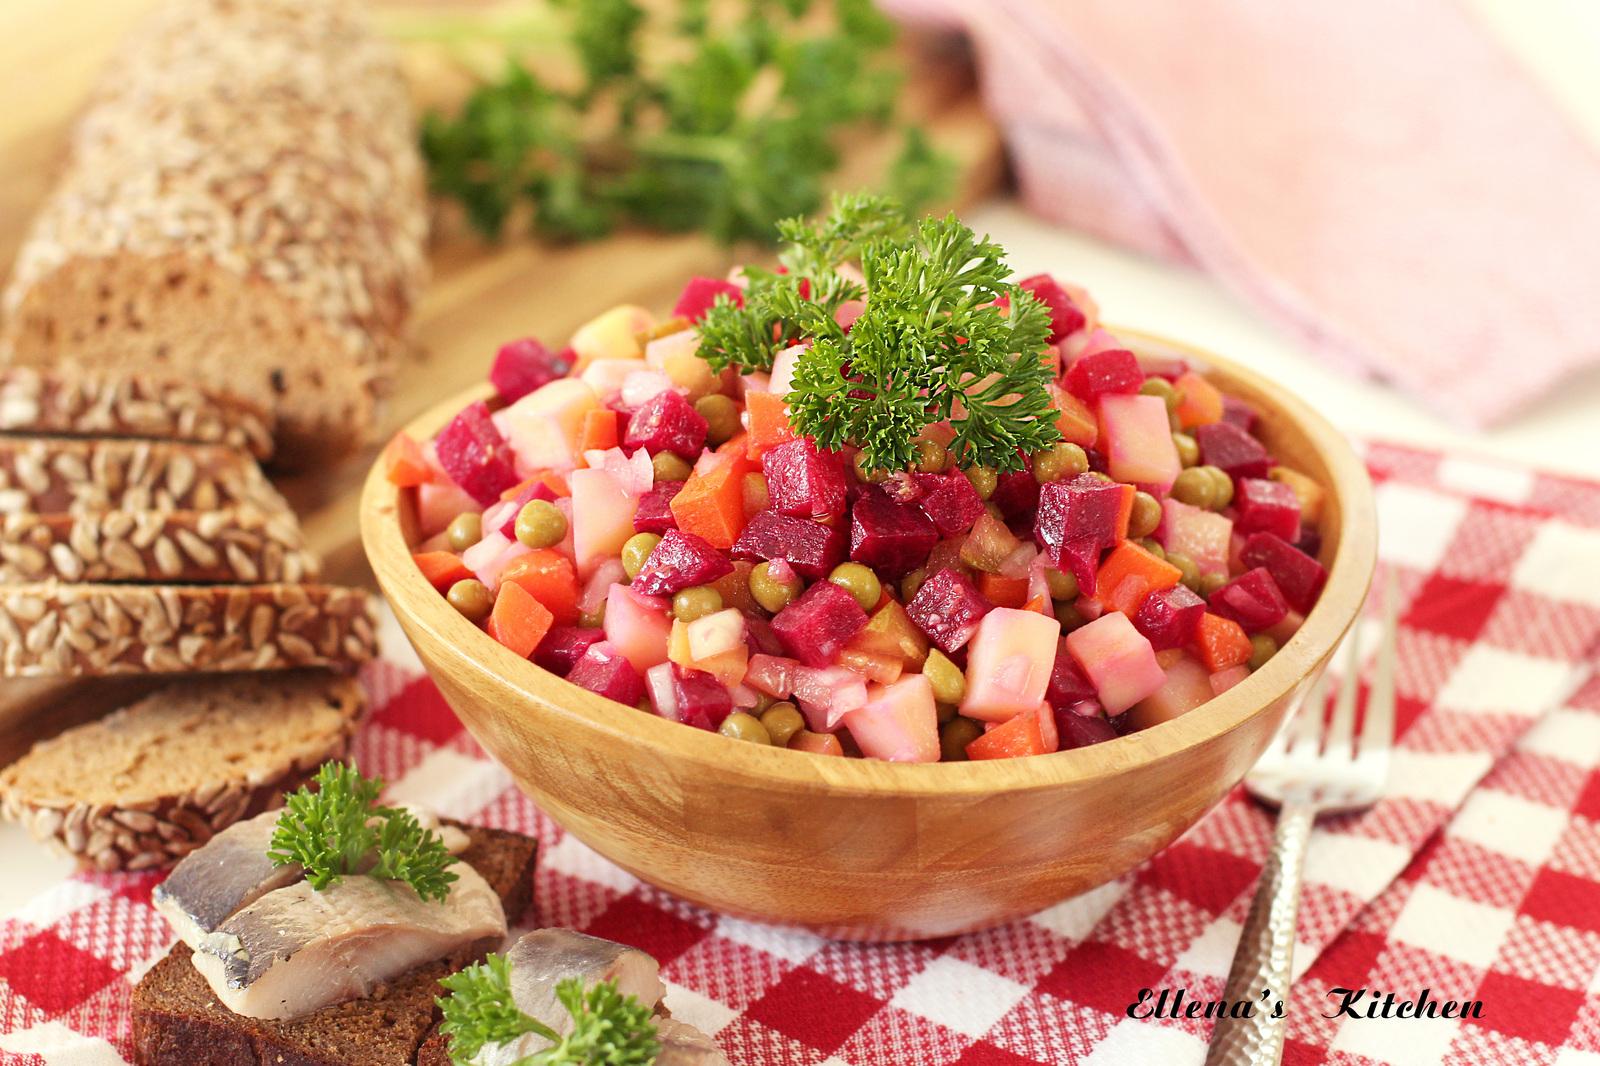 Варить овощи на винегрет